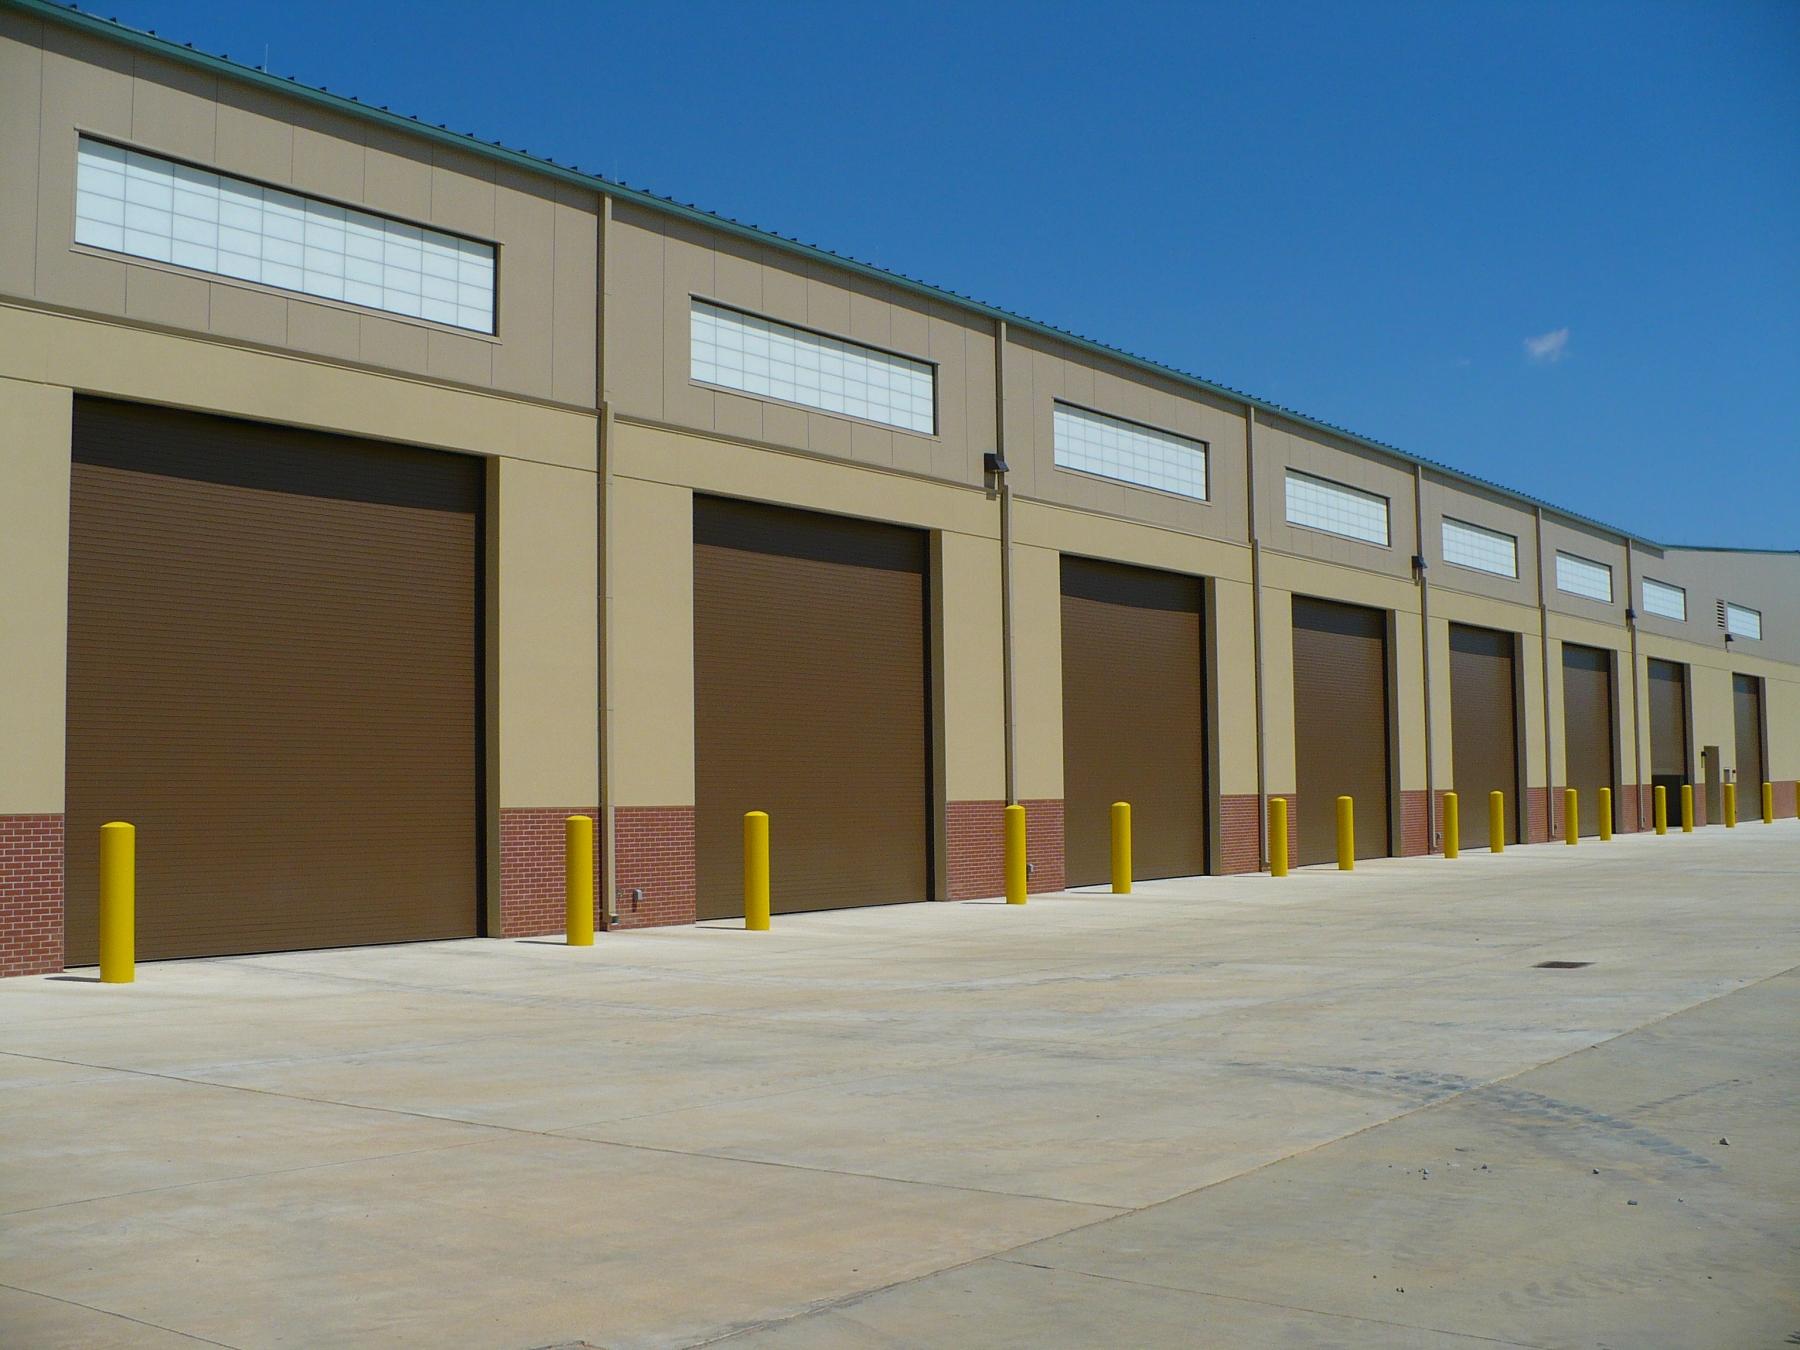 Garage door installation openers in buffalo ny hamburg commercial garage doors rubansaba